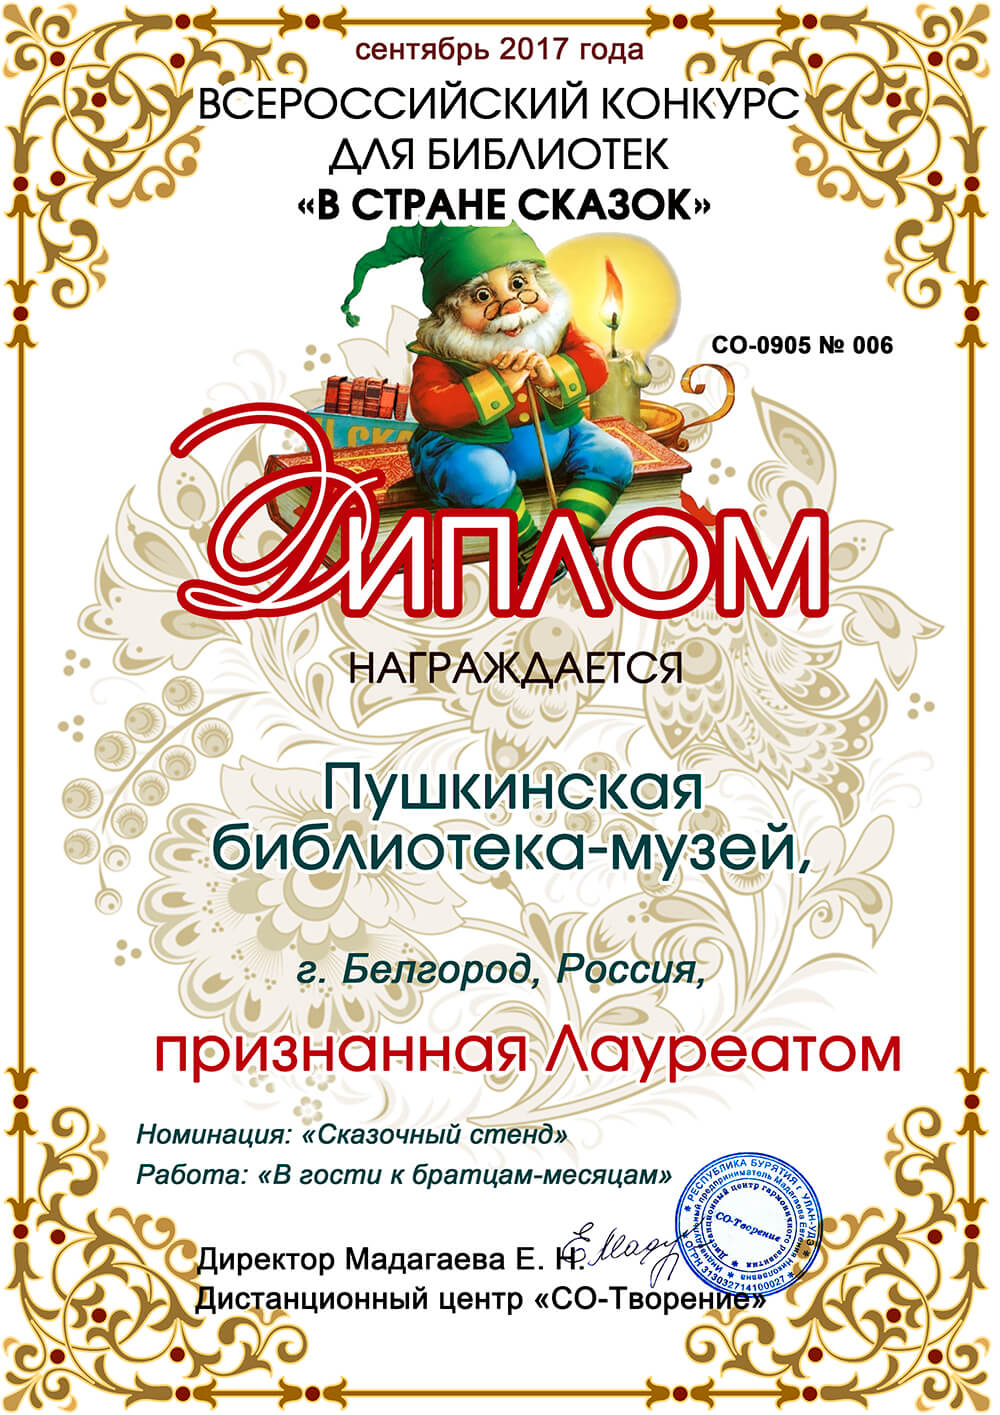 Пушкинская библиотека-музей – лауреат всероссийского конкурса